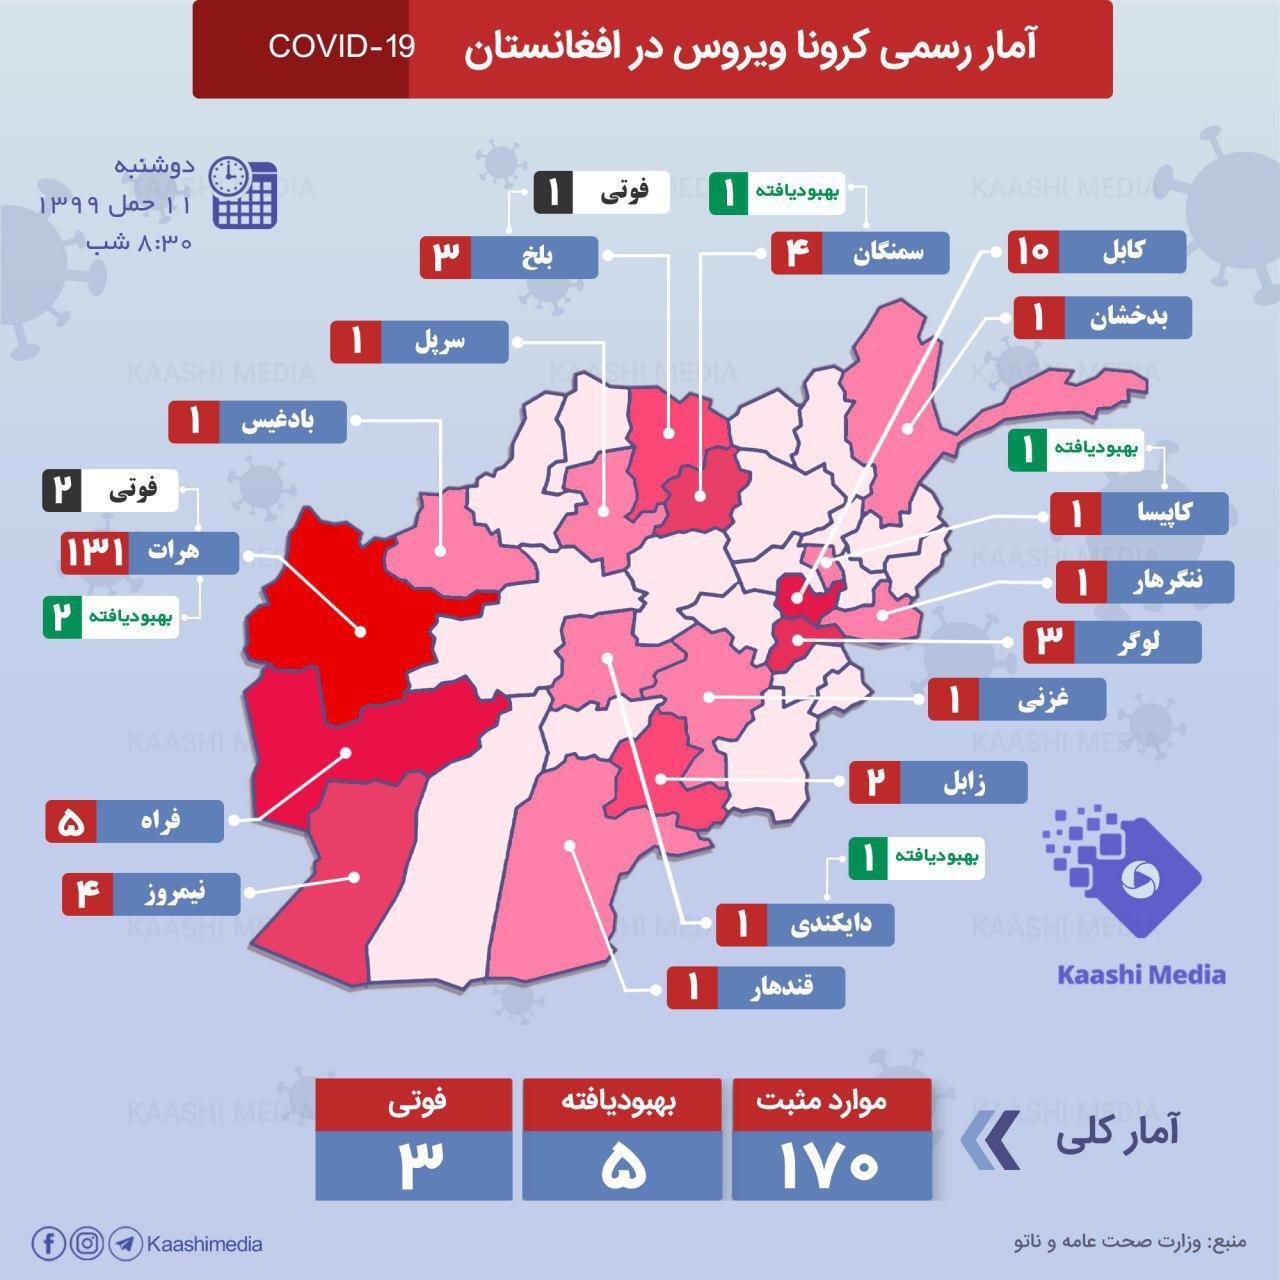 شمار مبتلایان ویروس کرونا در افغانستان به ۱۷۴تن رسید